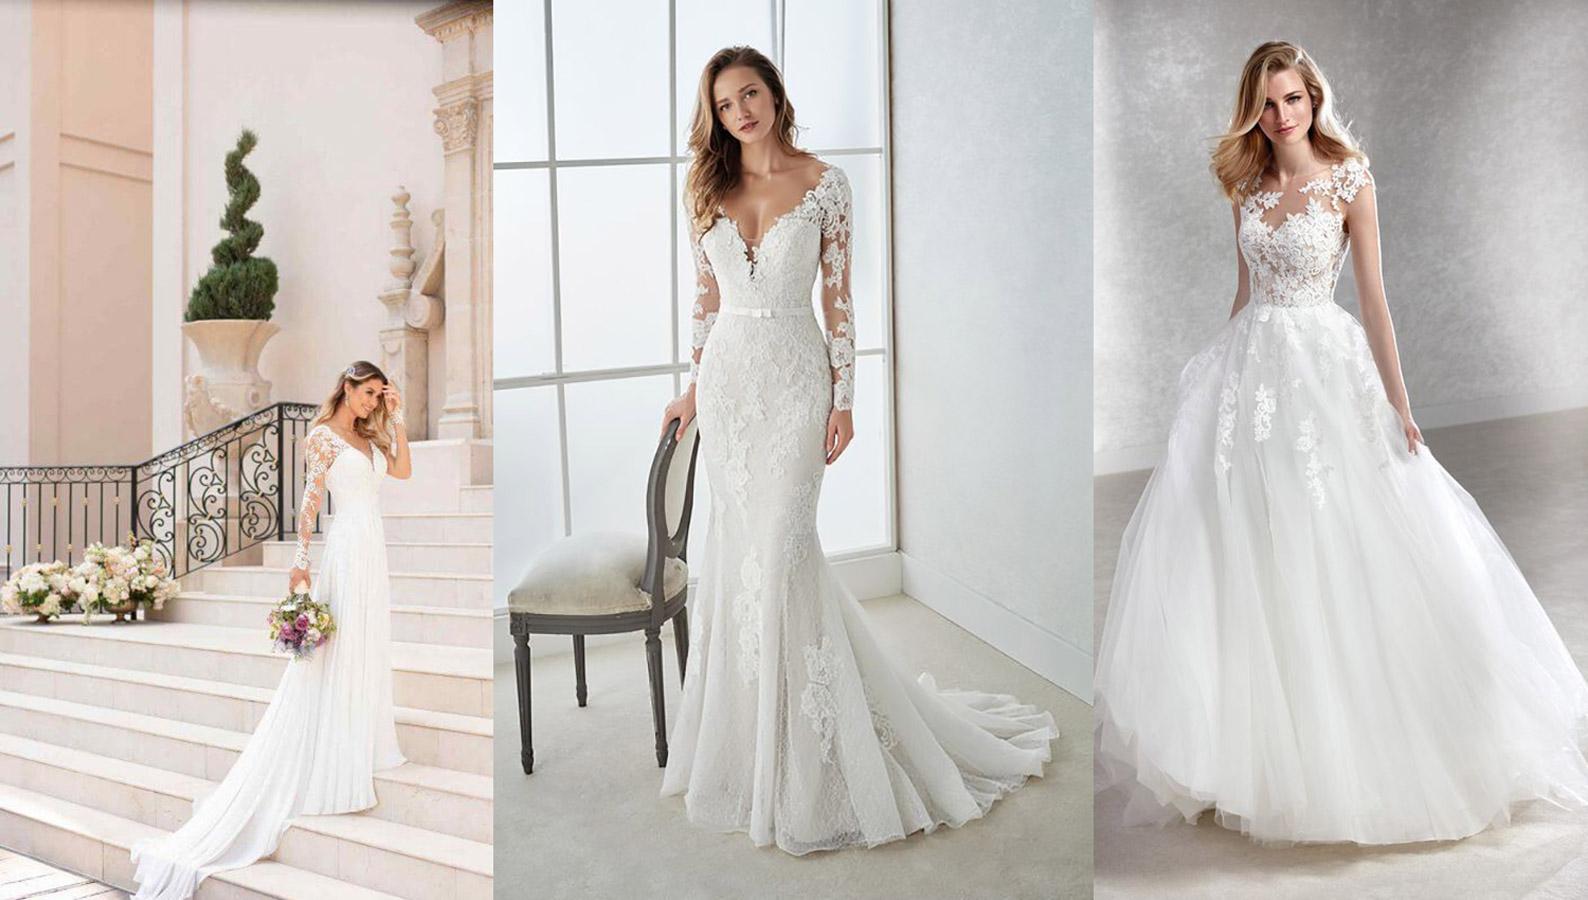 modne suknie ślubne w 2018 i 2019 roku